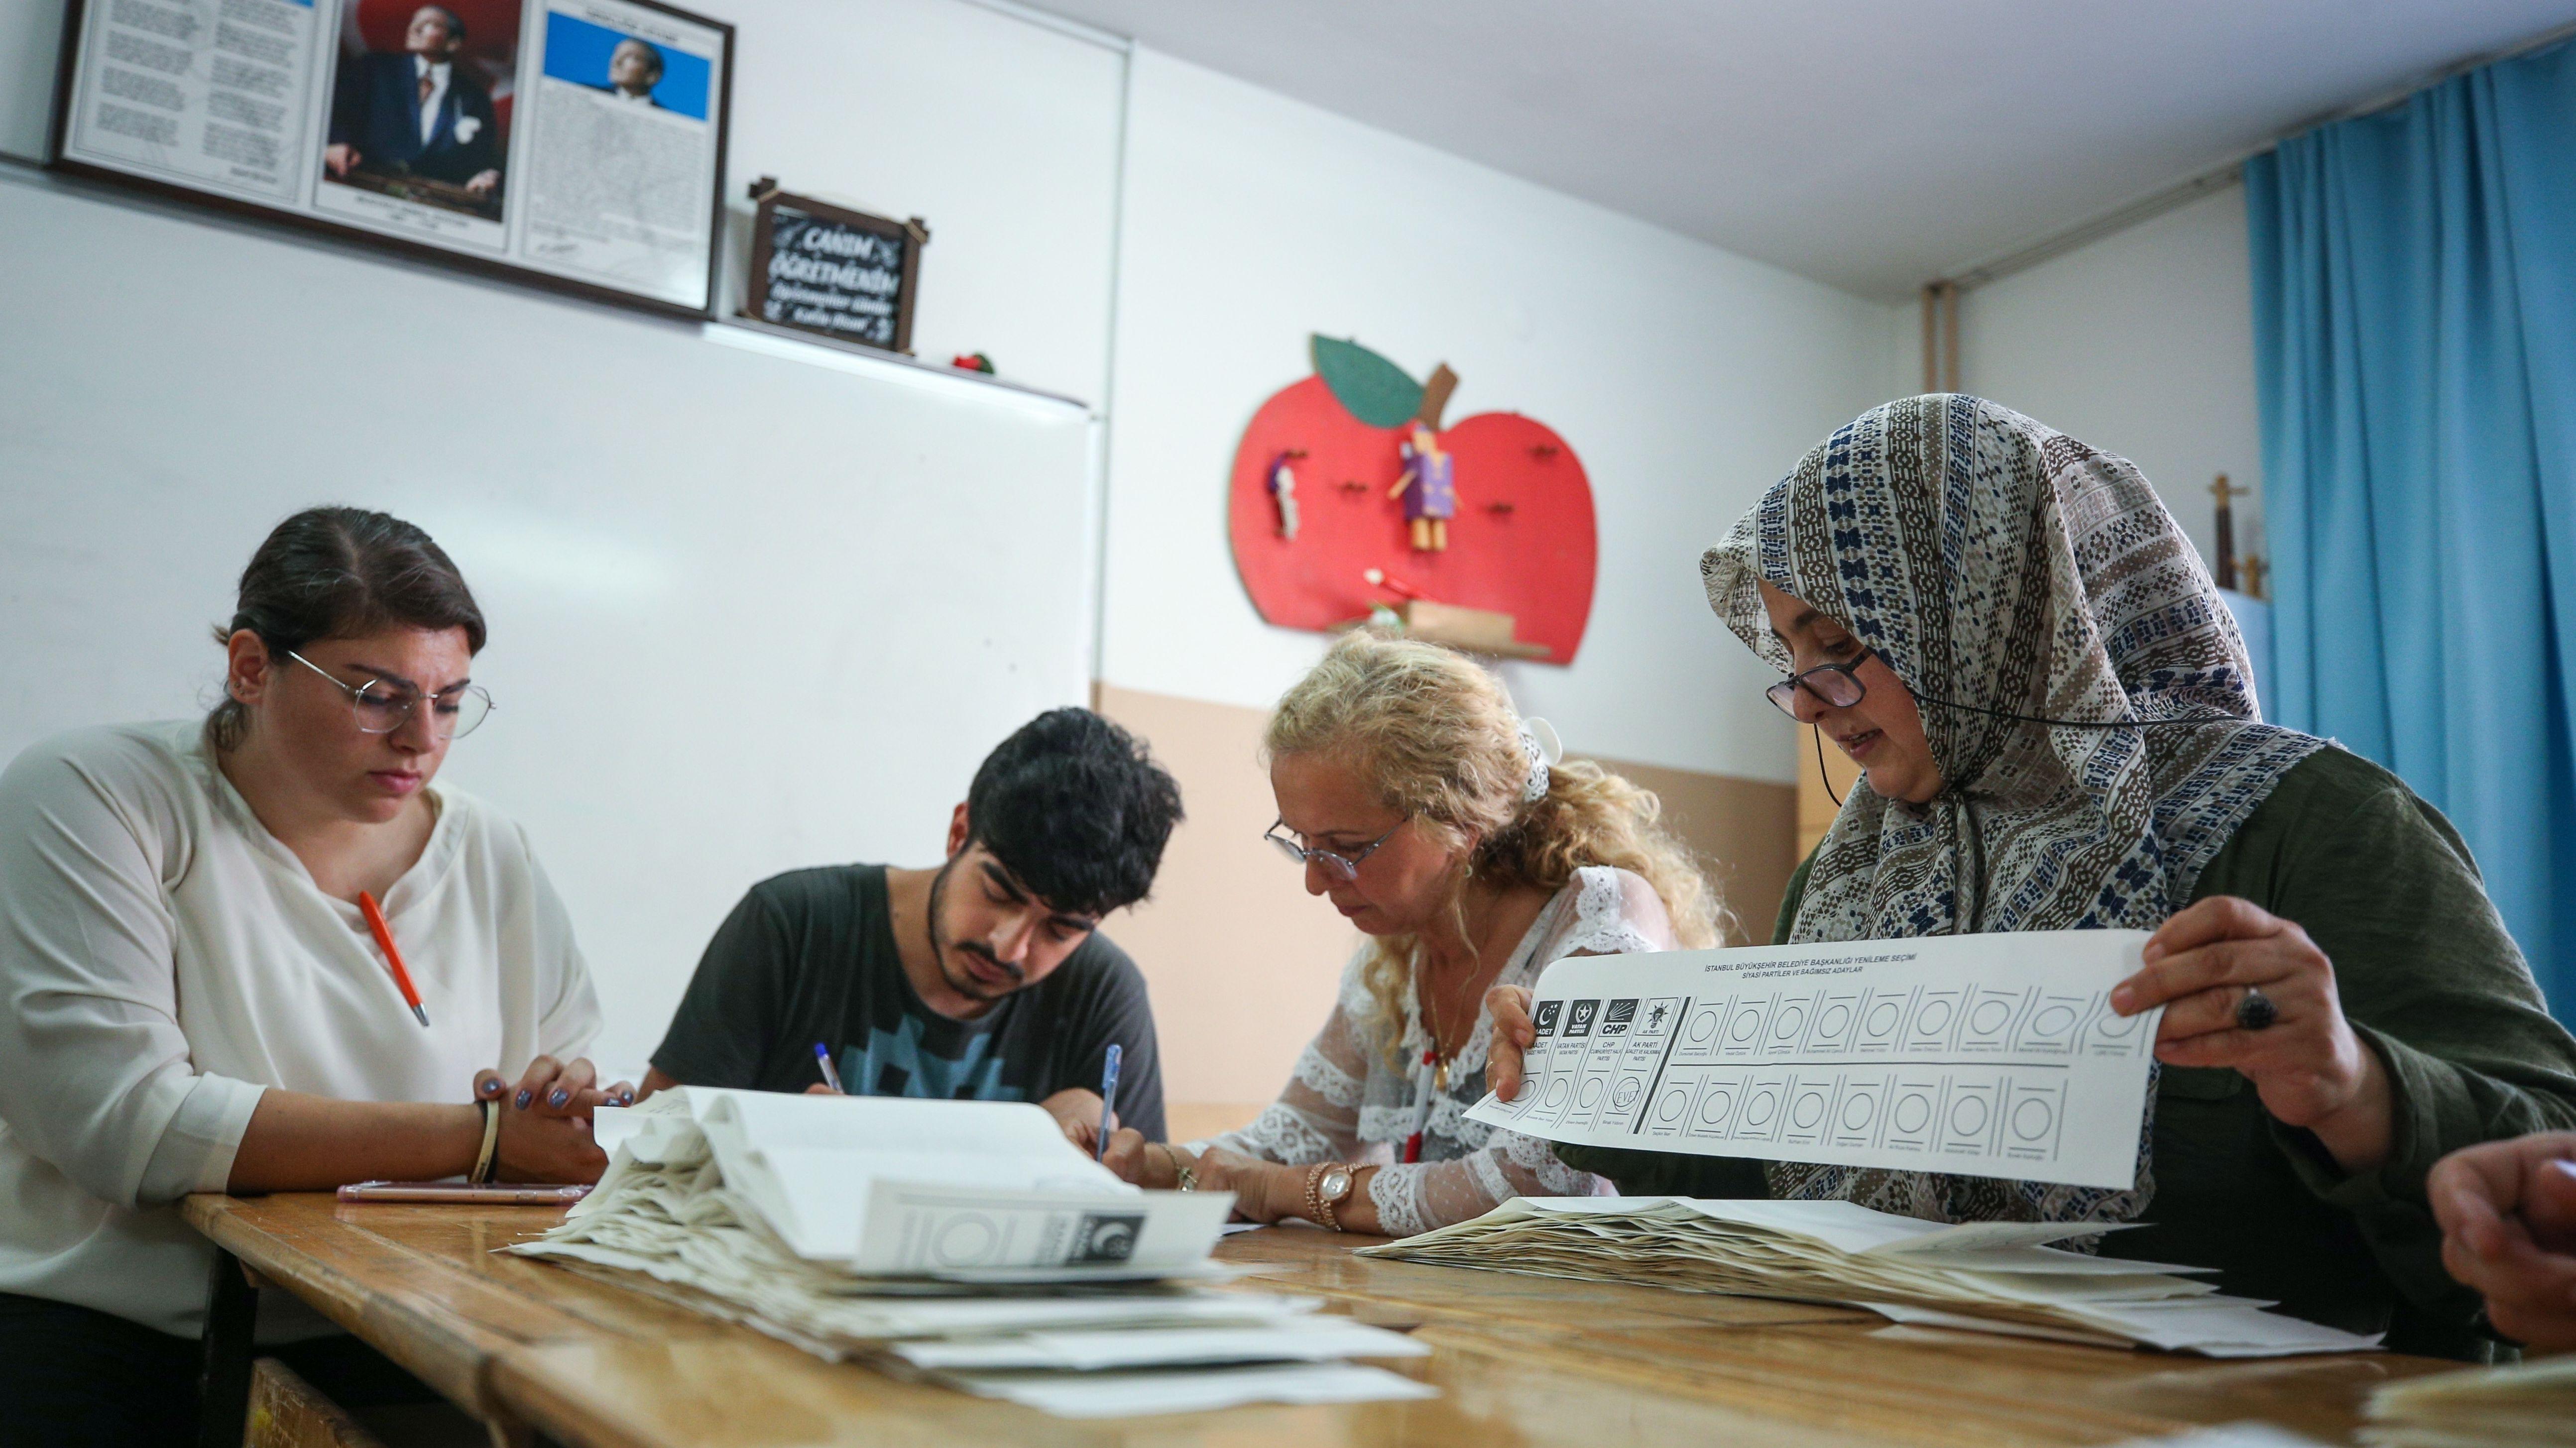 Wahlhelfer bei der Auszählung der Stimmen zur wiederholten Bürgermeisterwahl in Istanbul